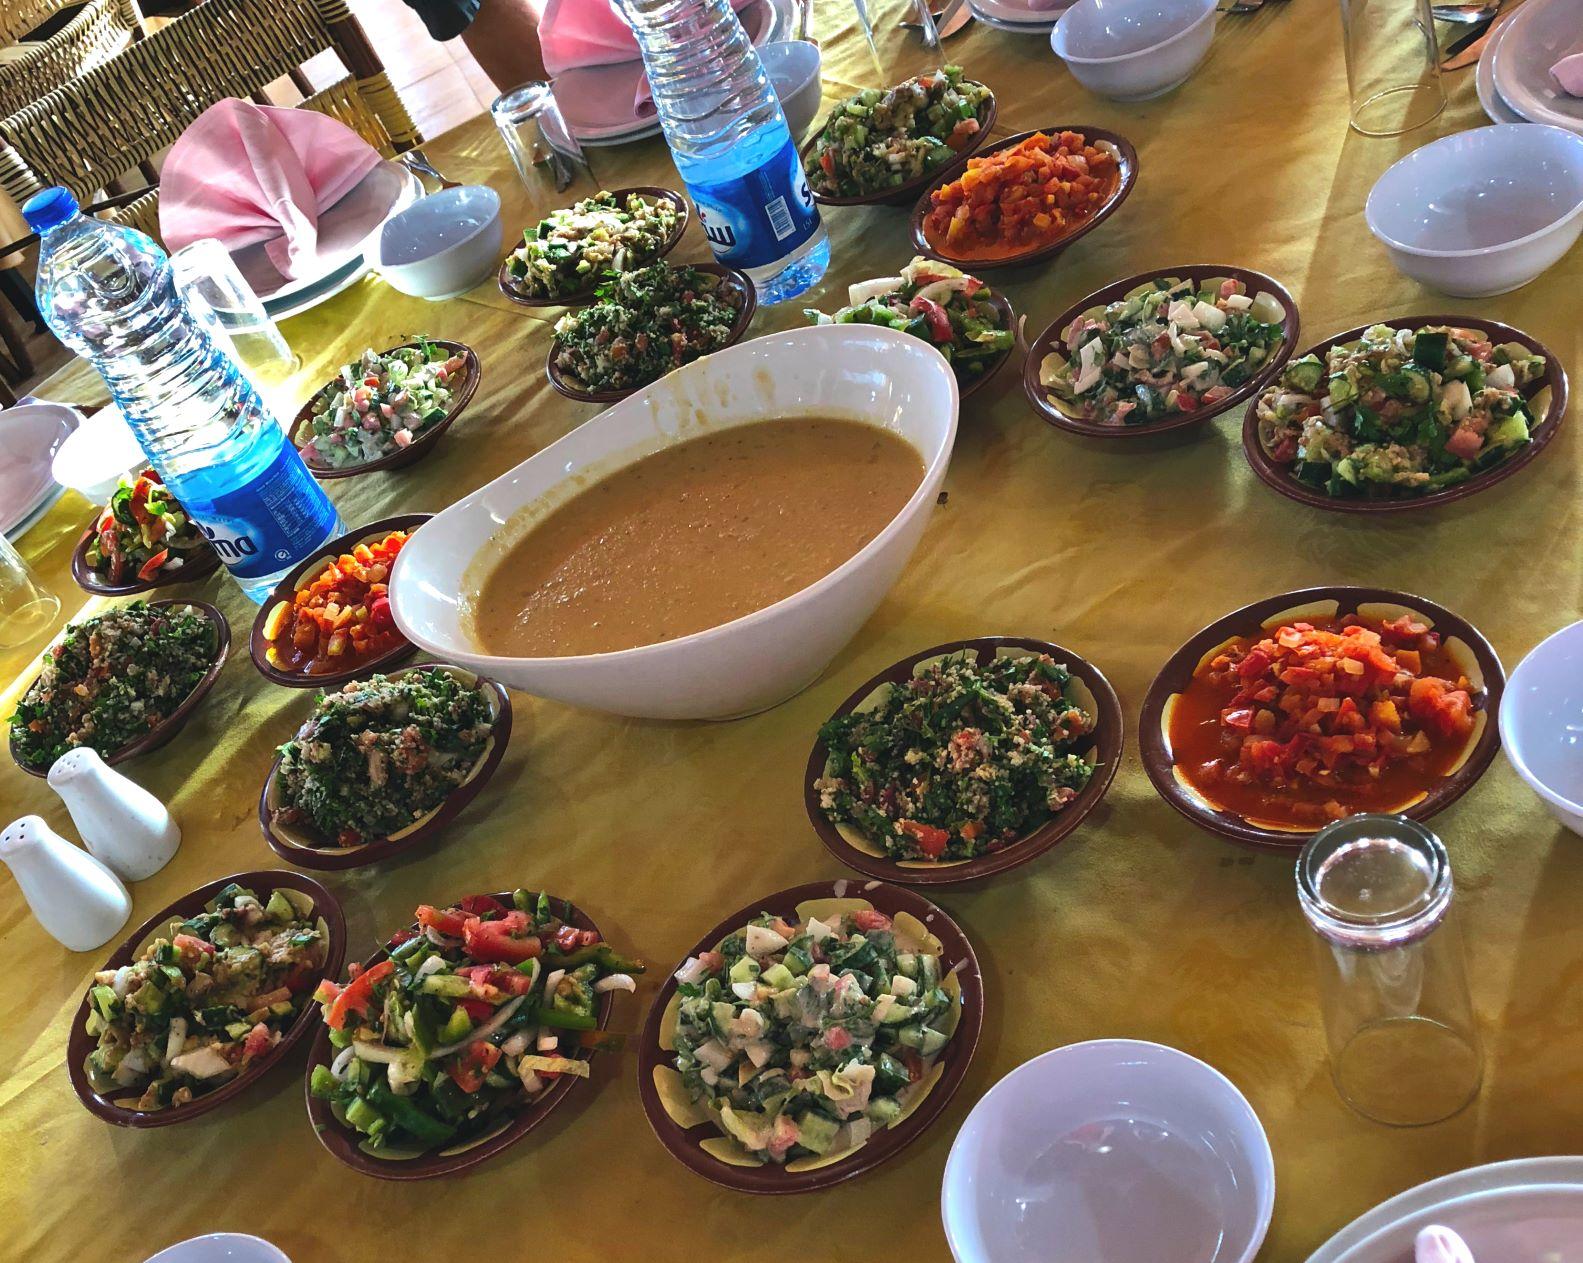 Jordanian meal